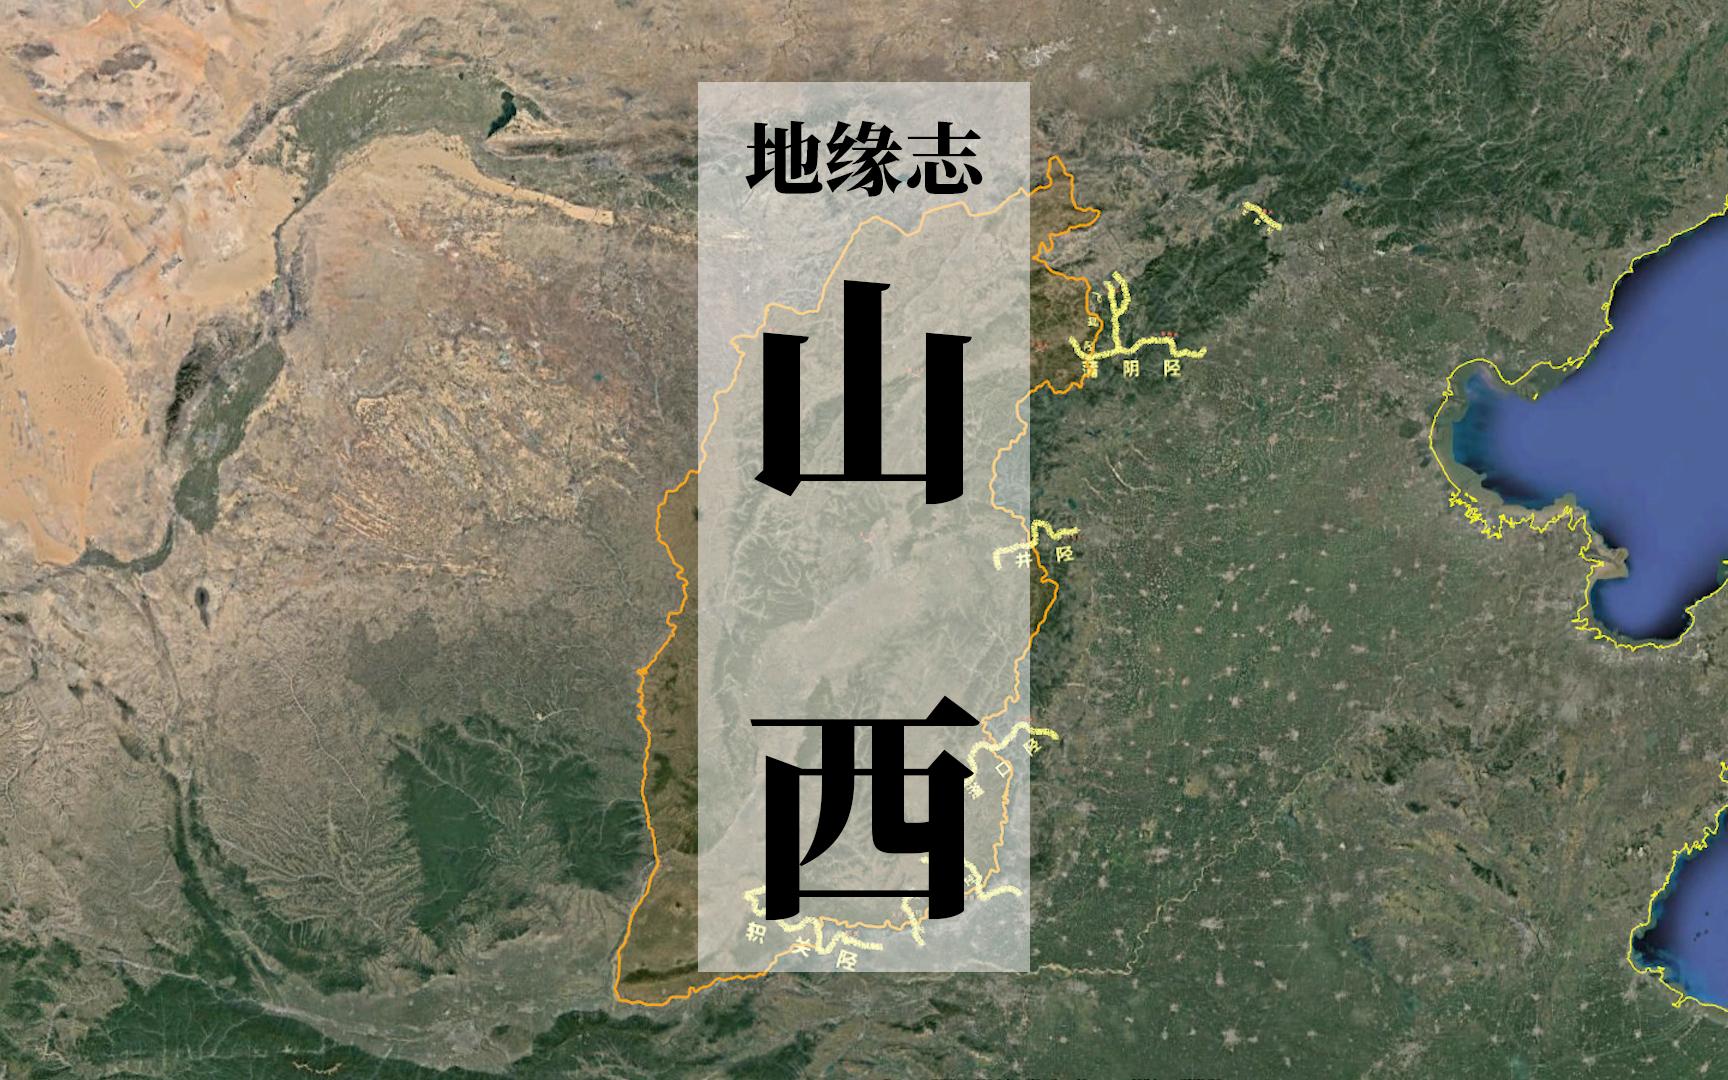 华夷屏障,北方咽喉?山西竟如此重要(上) 看中国06【地缘志】